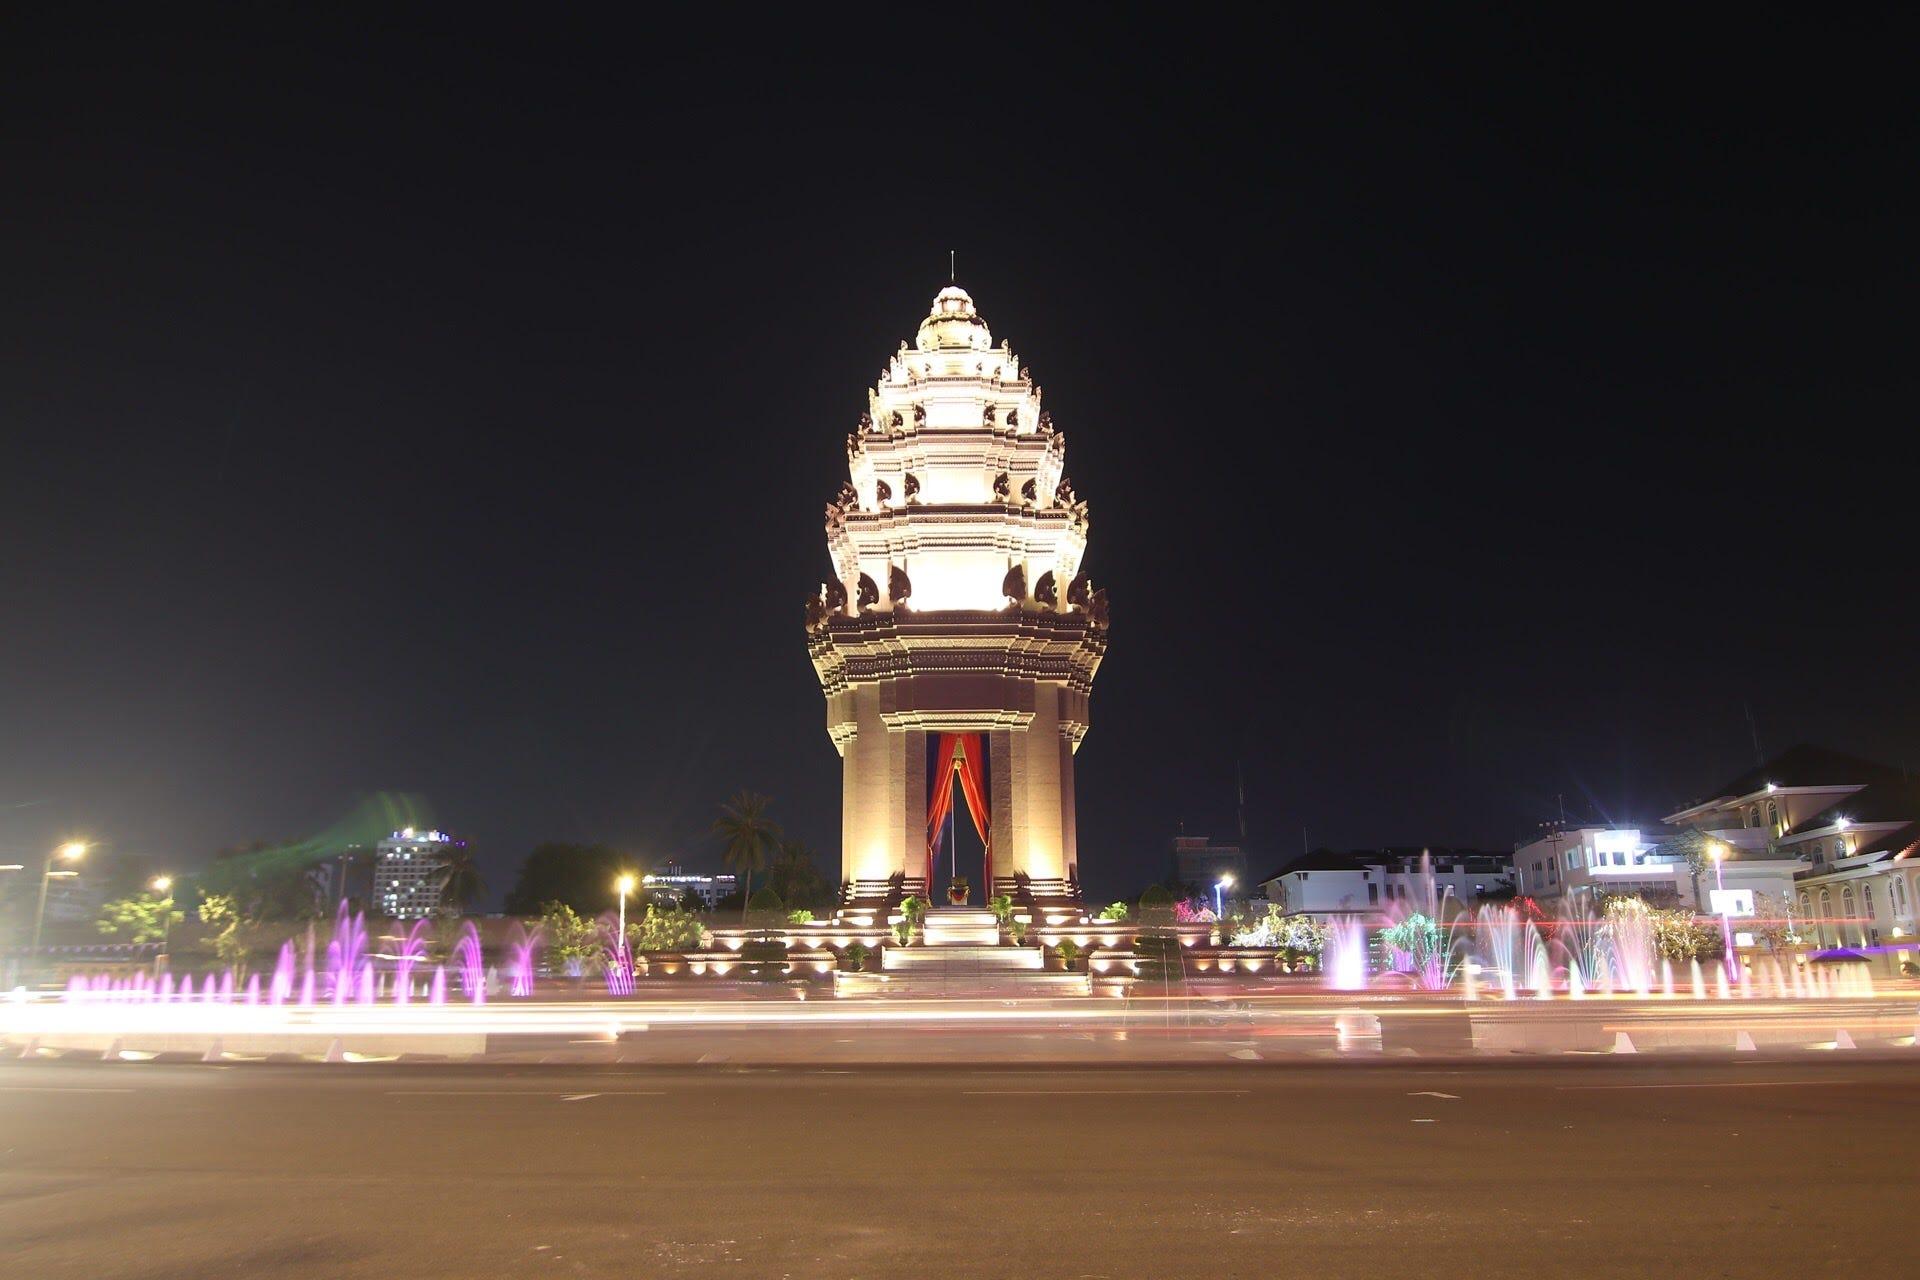 來柬埔寨你應該要知道的幾件事情(上) - Mr.KJ的旅遊生活紀錄 - Medium